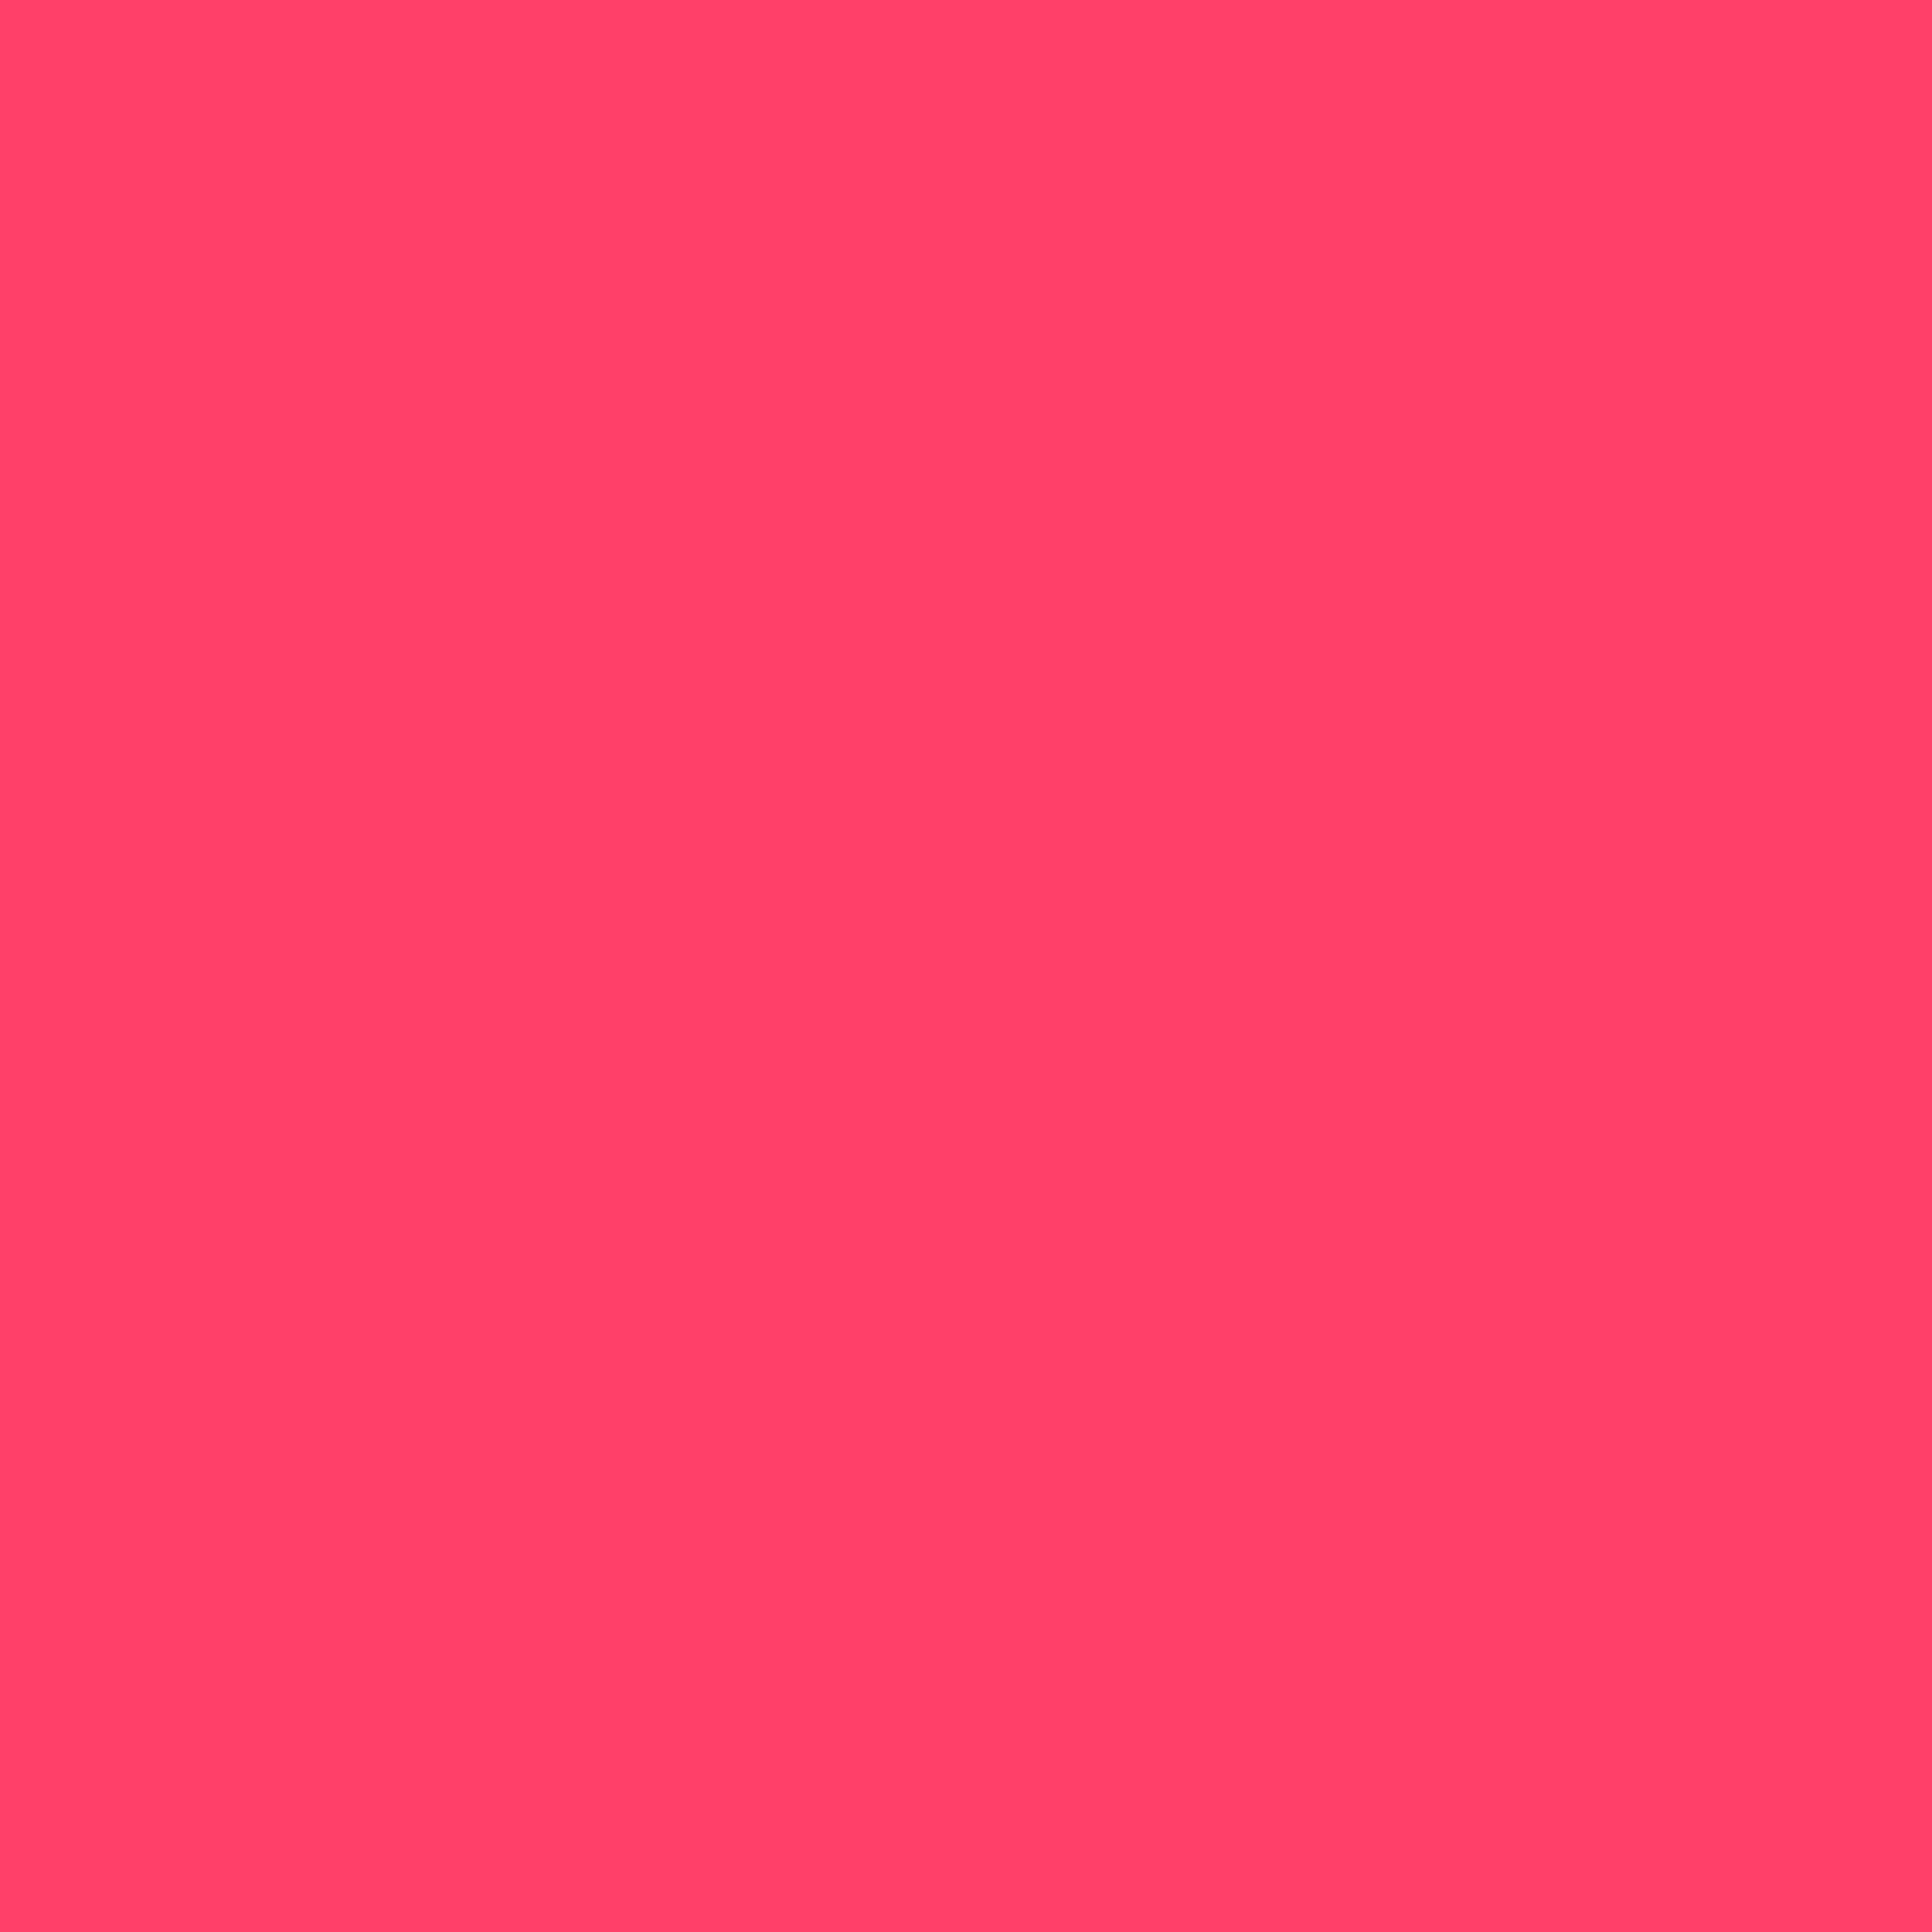 2048x2048 Neon Fuchsia Solid Color Background